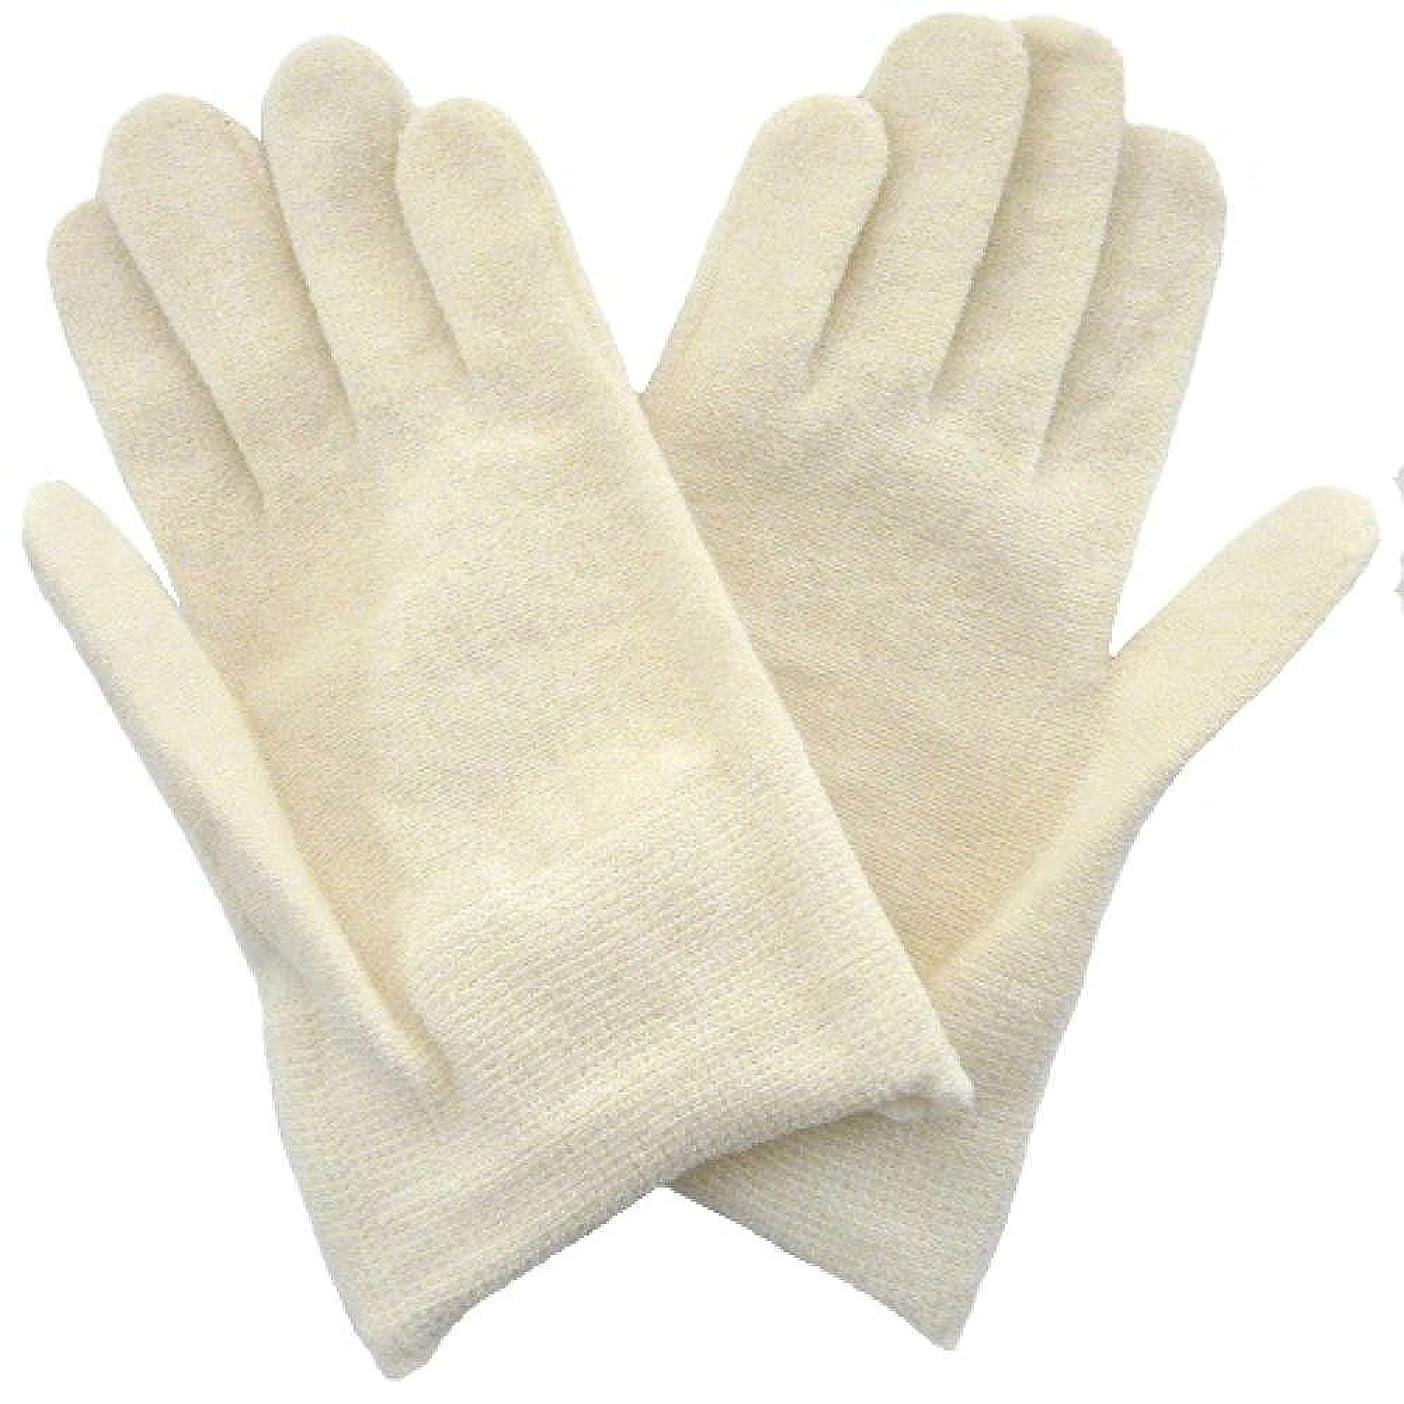 がっかりした休日労働【アトピー】【水疱瘡】【皮膚炎】 ナノミックス おやすみ手袋:キッズ用 アイボリー